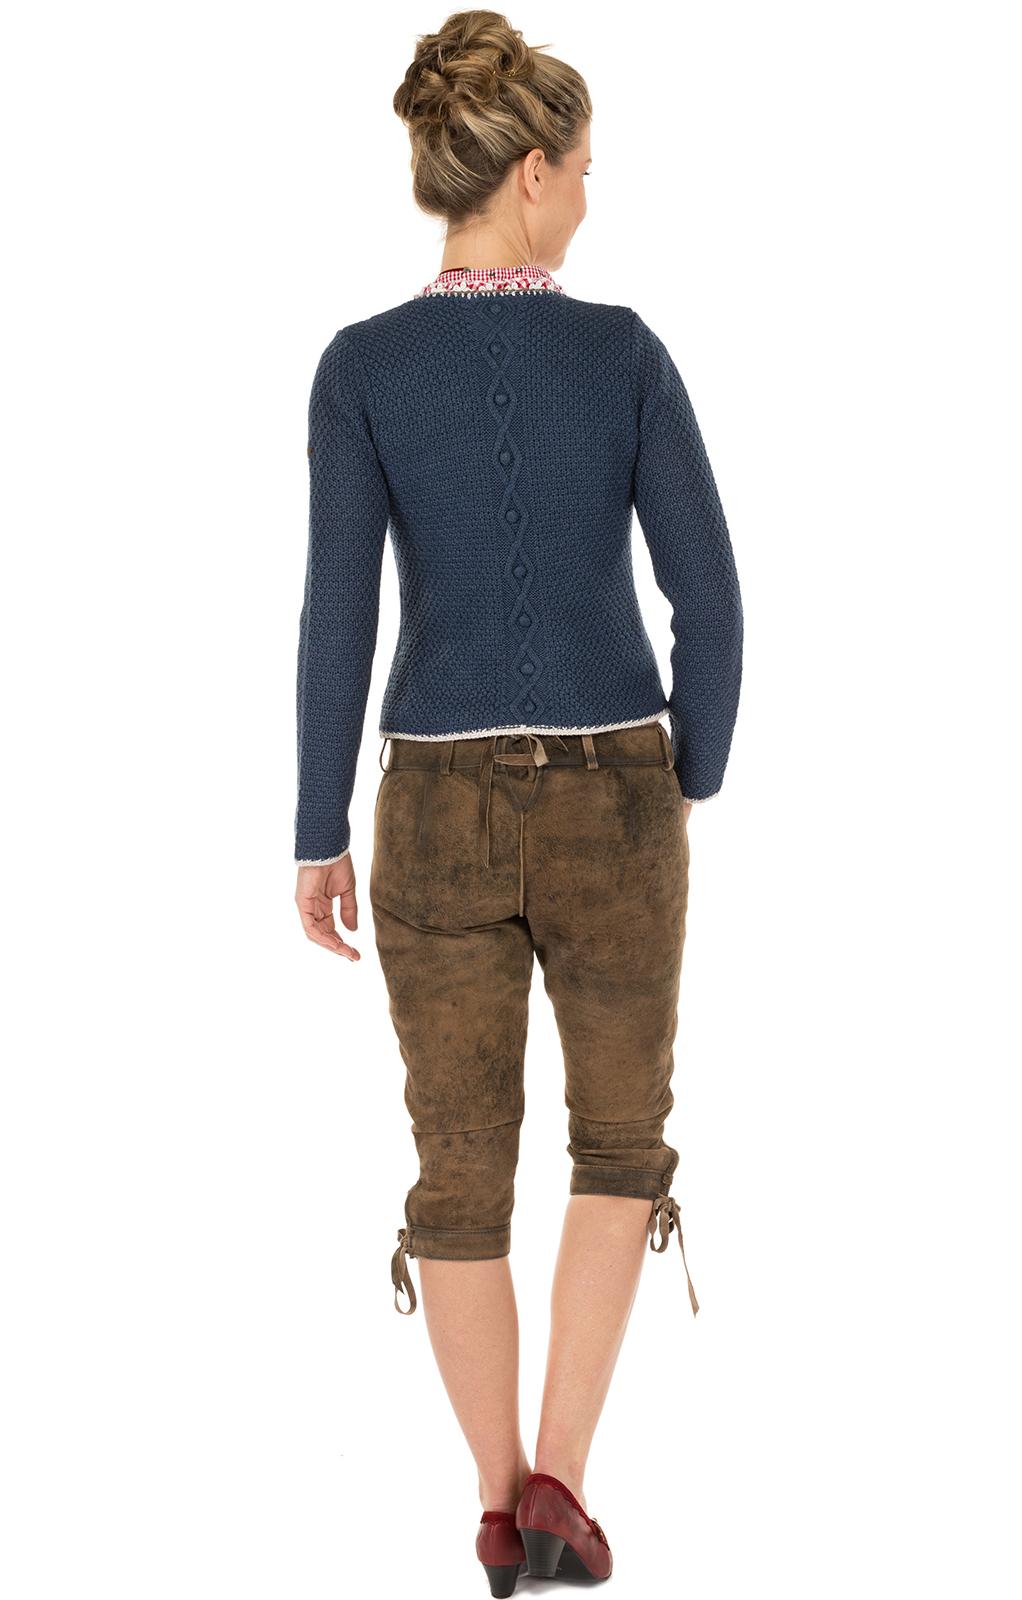 weitere Bilder von Giacca in maglia Aidas jeansblau